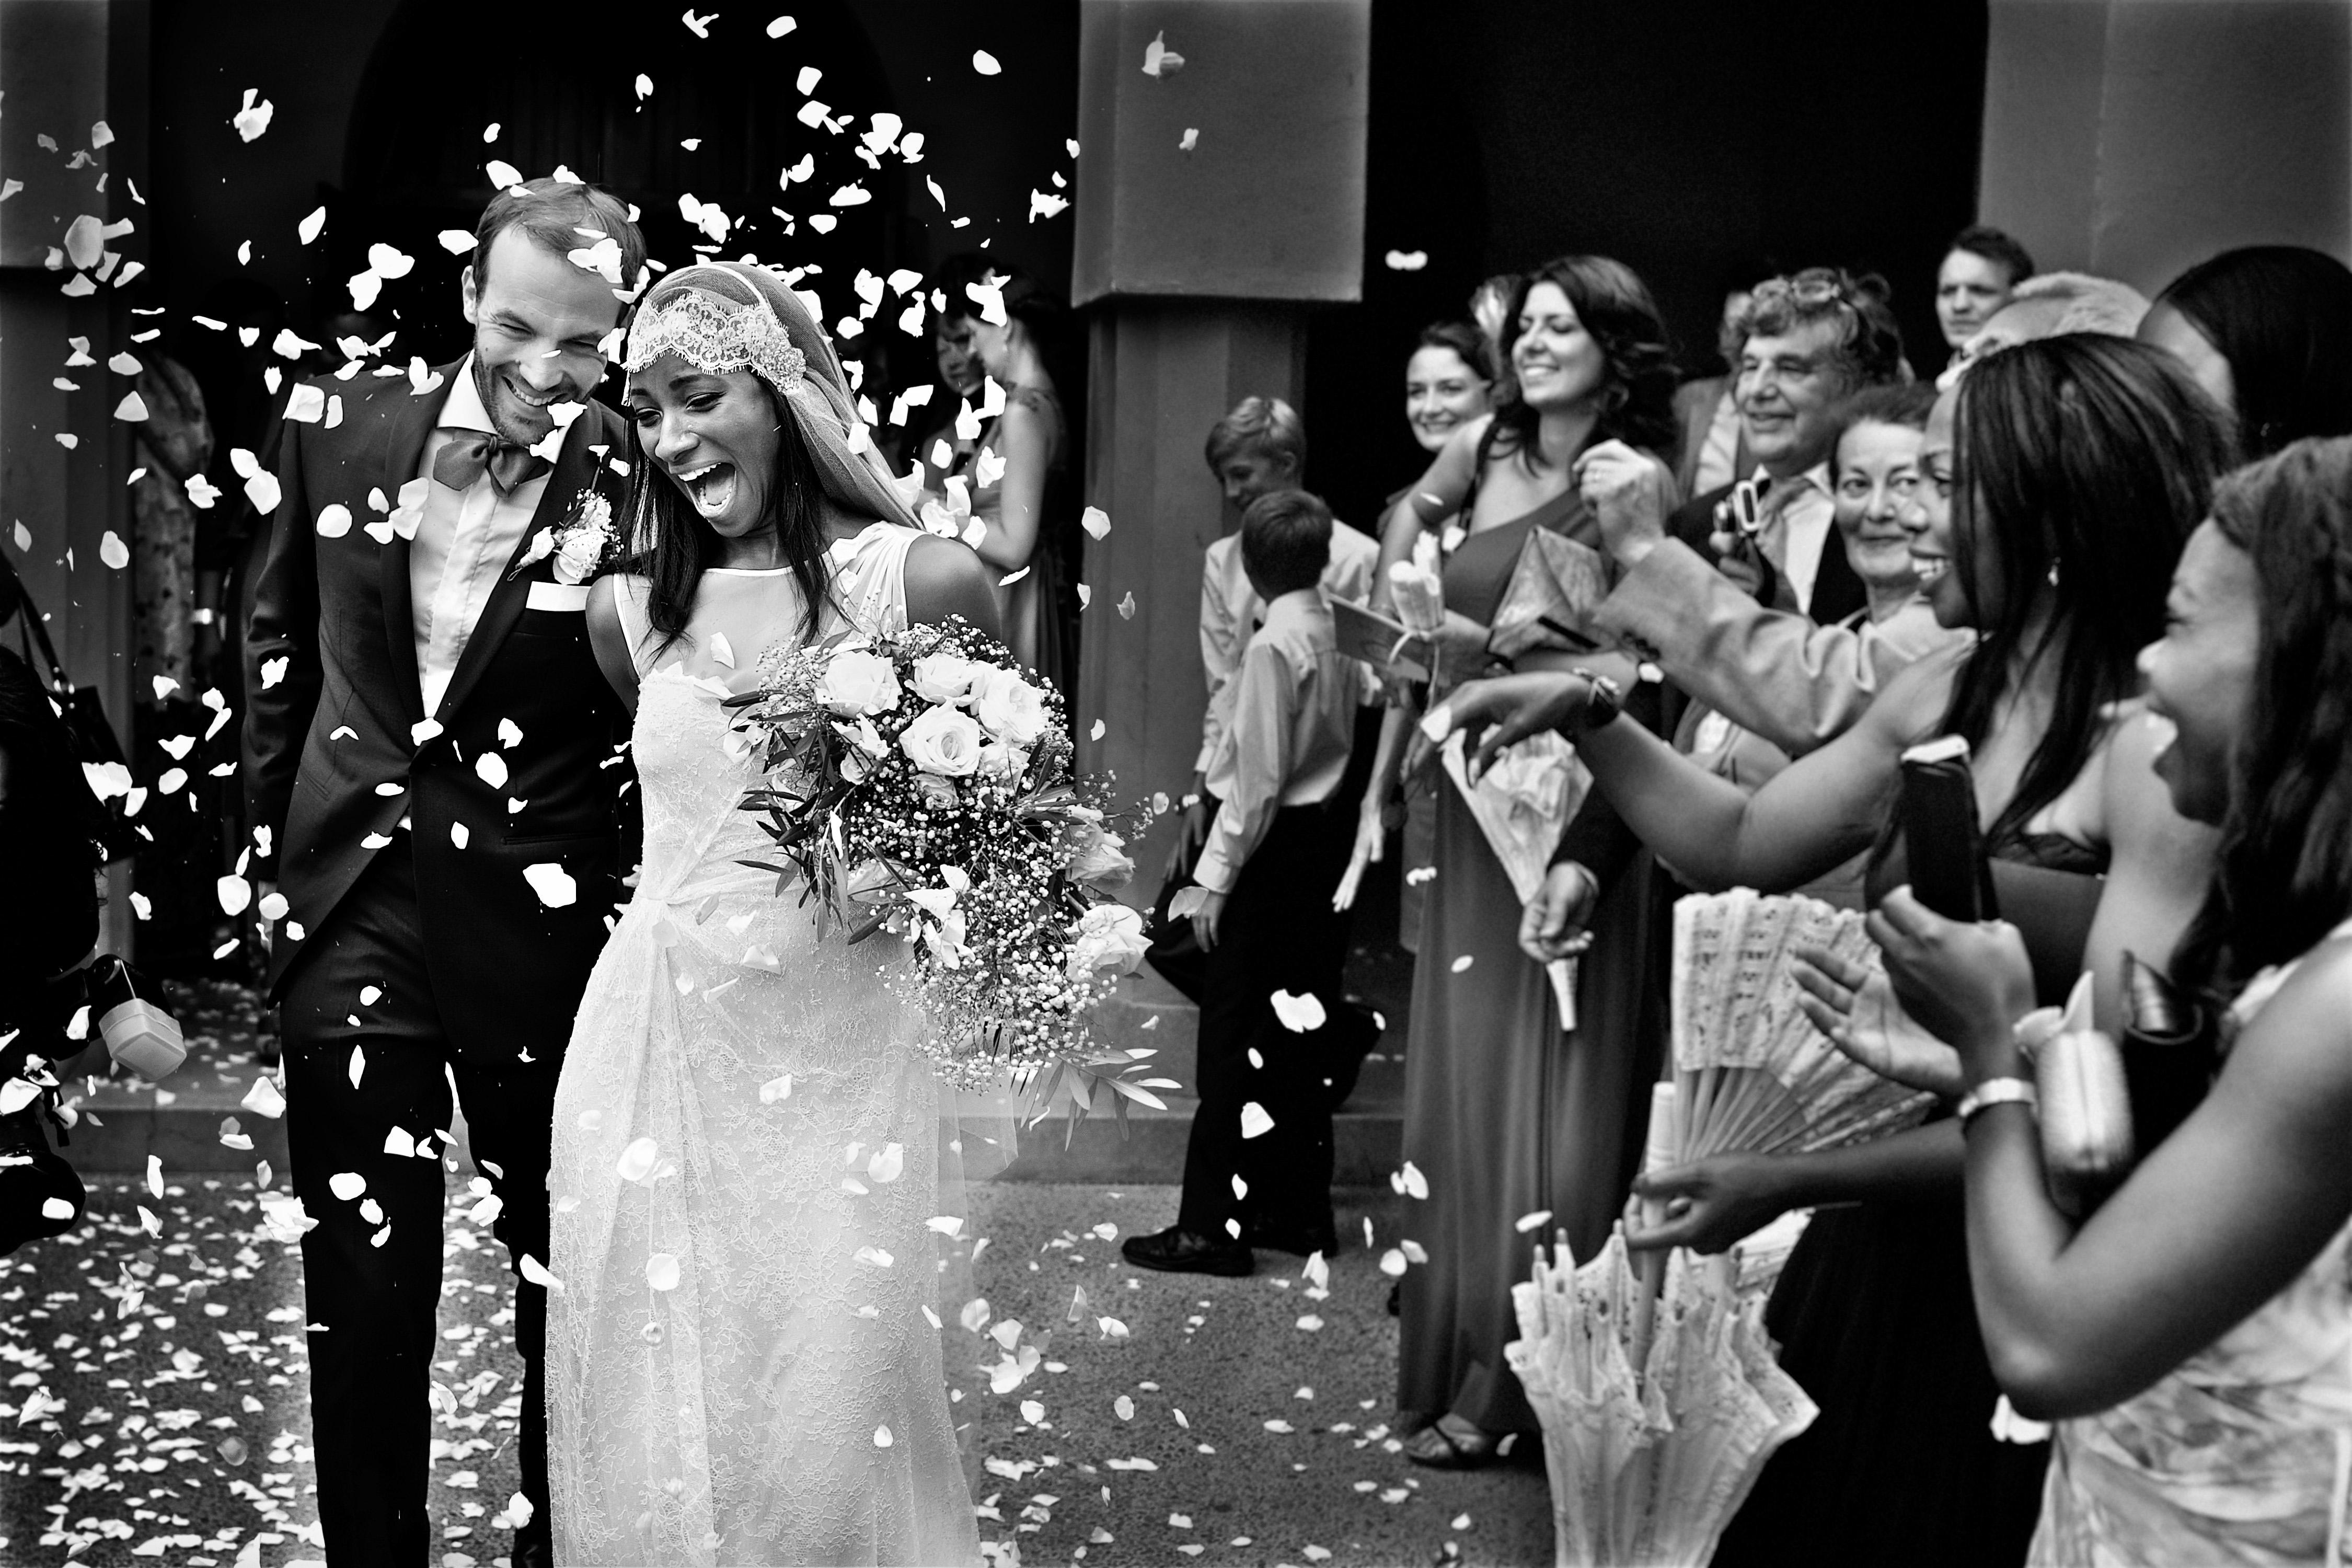 wedding exits petals toss